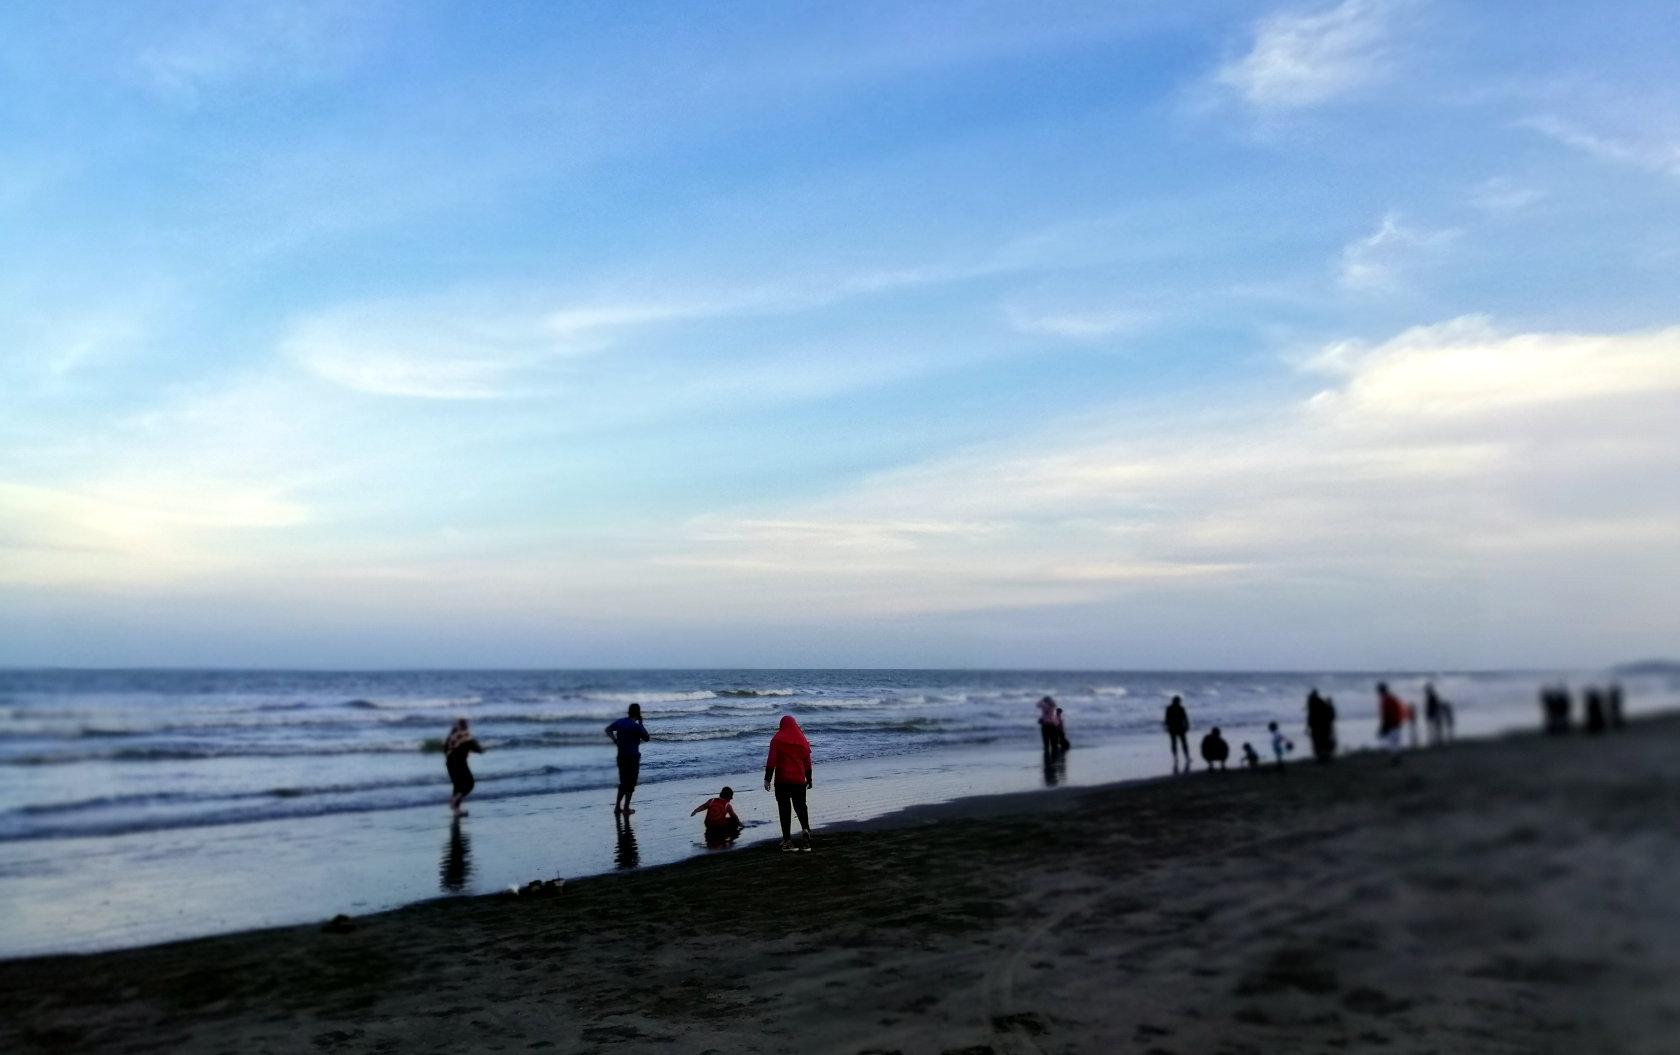 Beserah Beach Cherating Kuantan